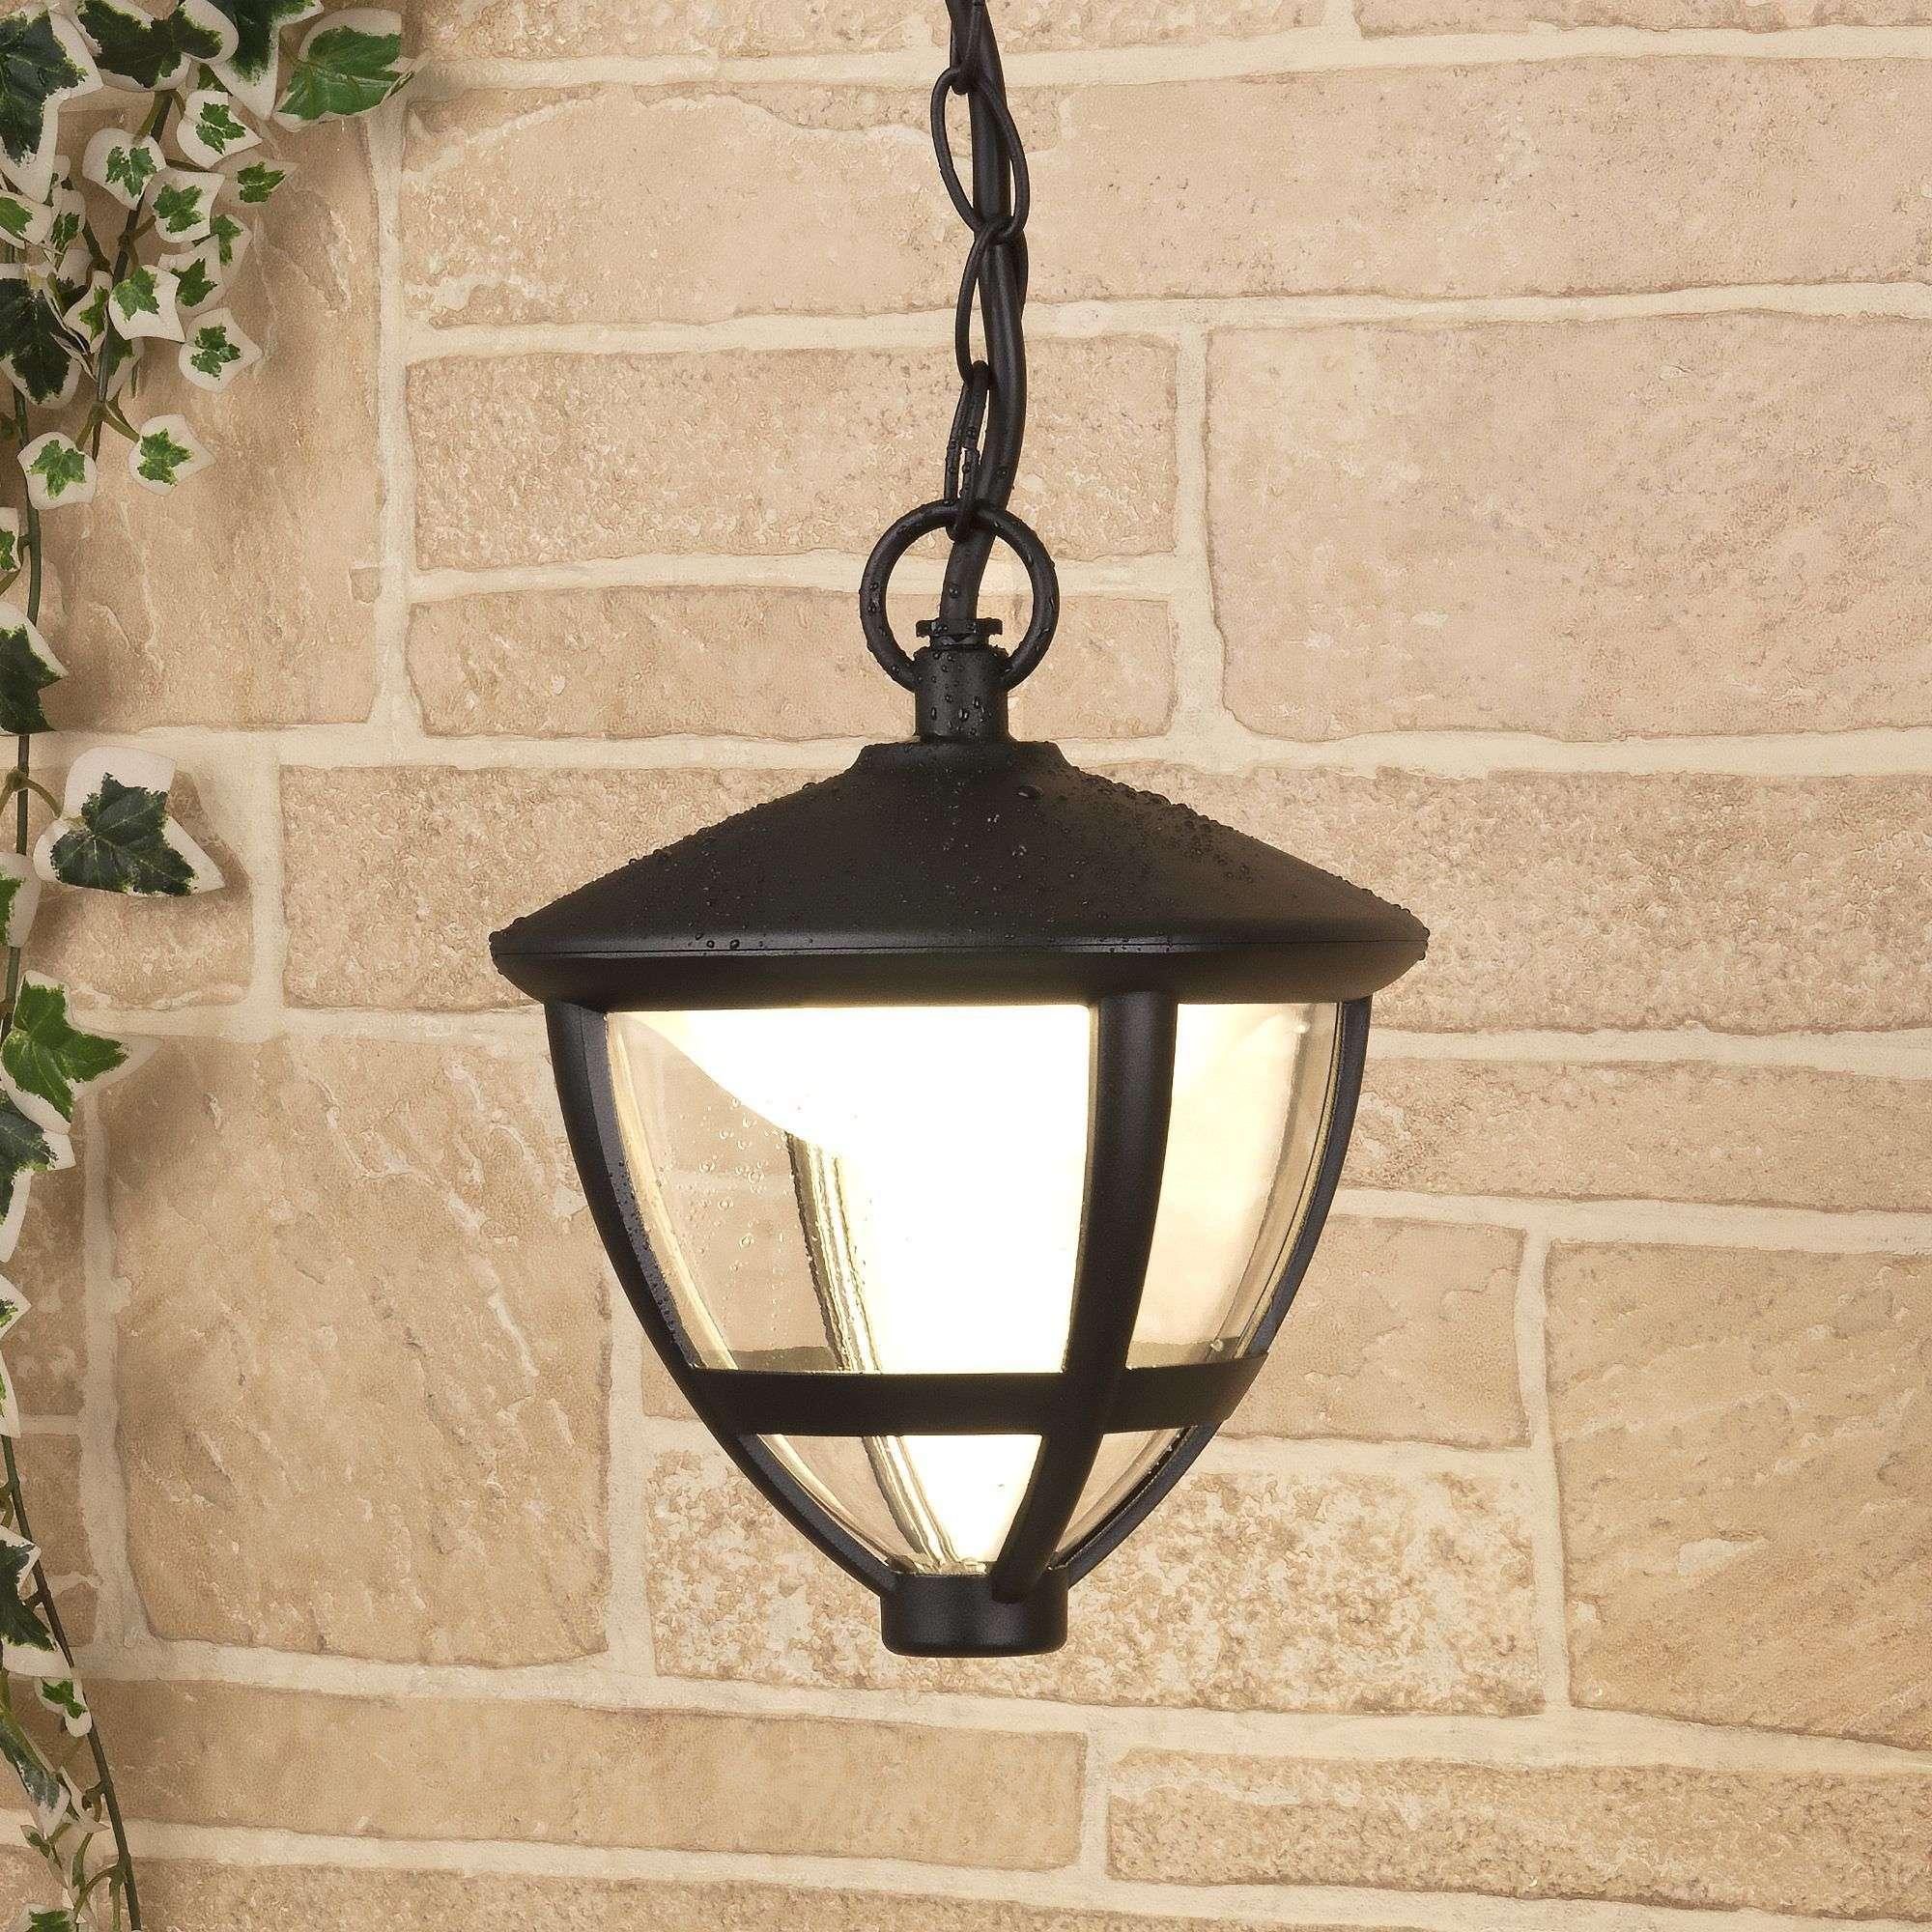 Уличный подвесной светодиодный светильник Gala H черный IP44 GL LED 3001H